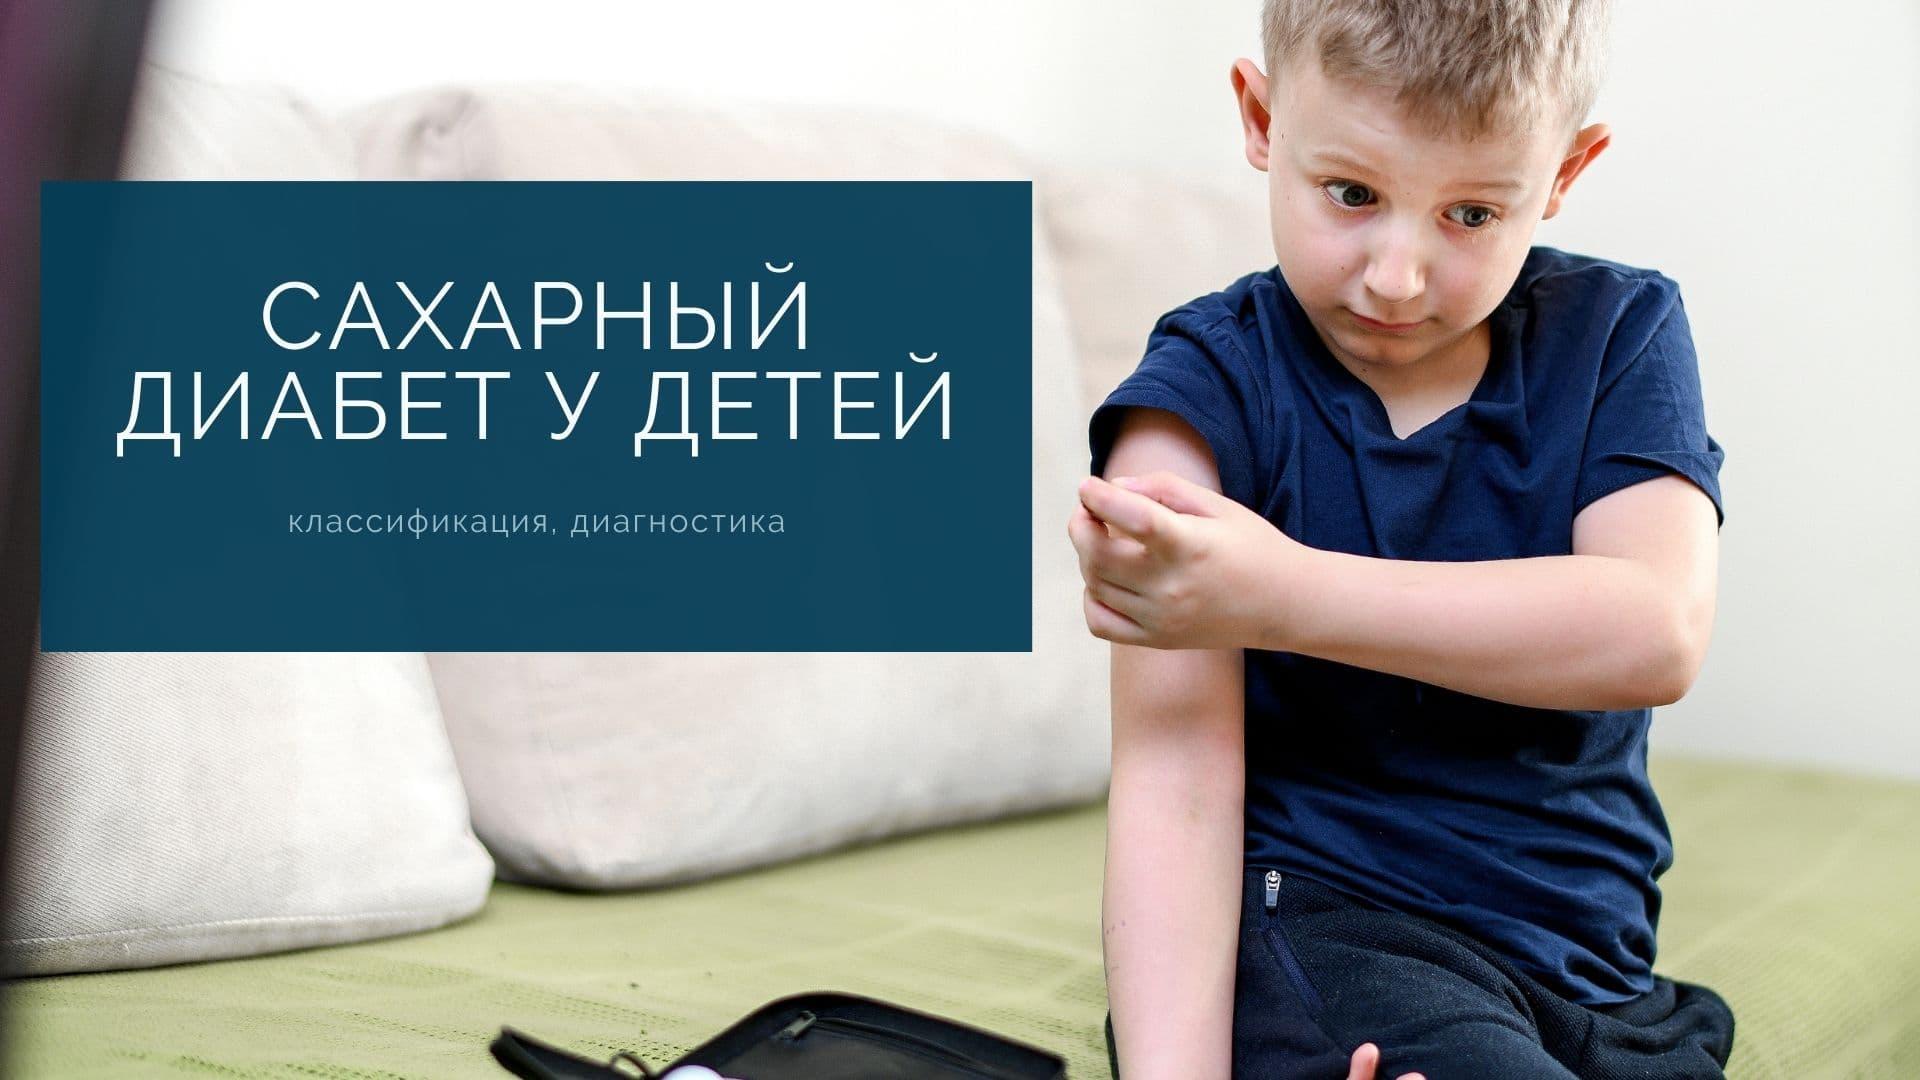 Сахарный диабет у детей: классификация, диагностика